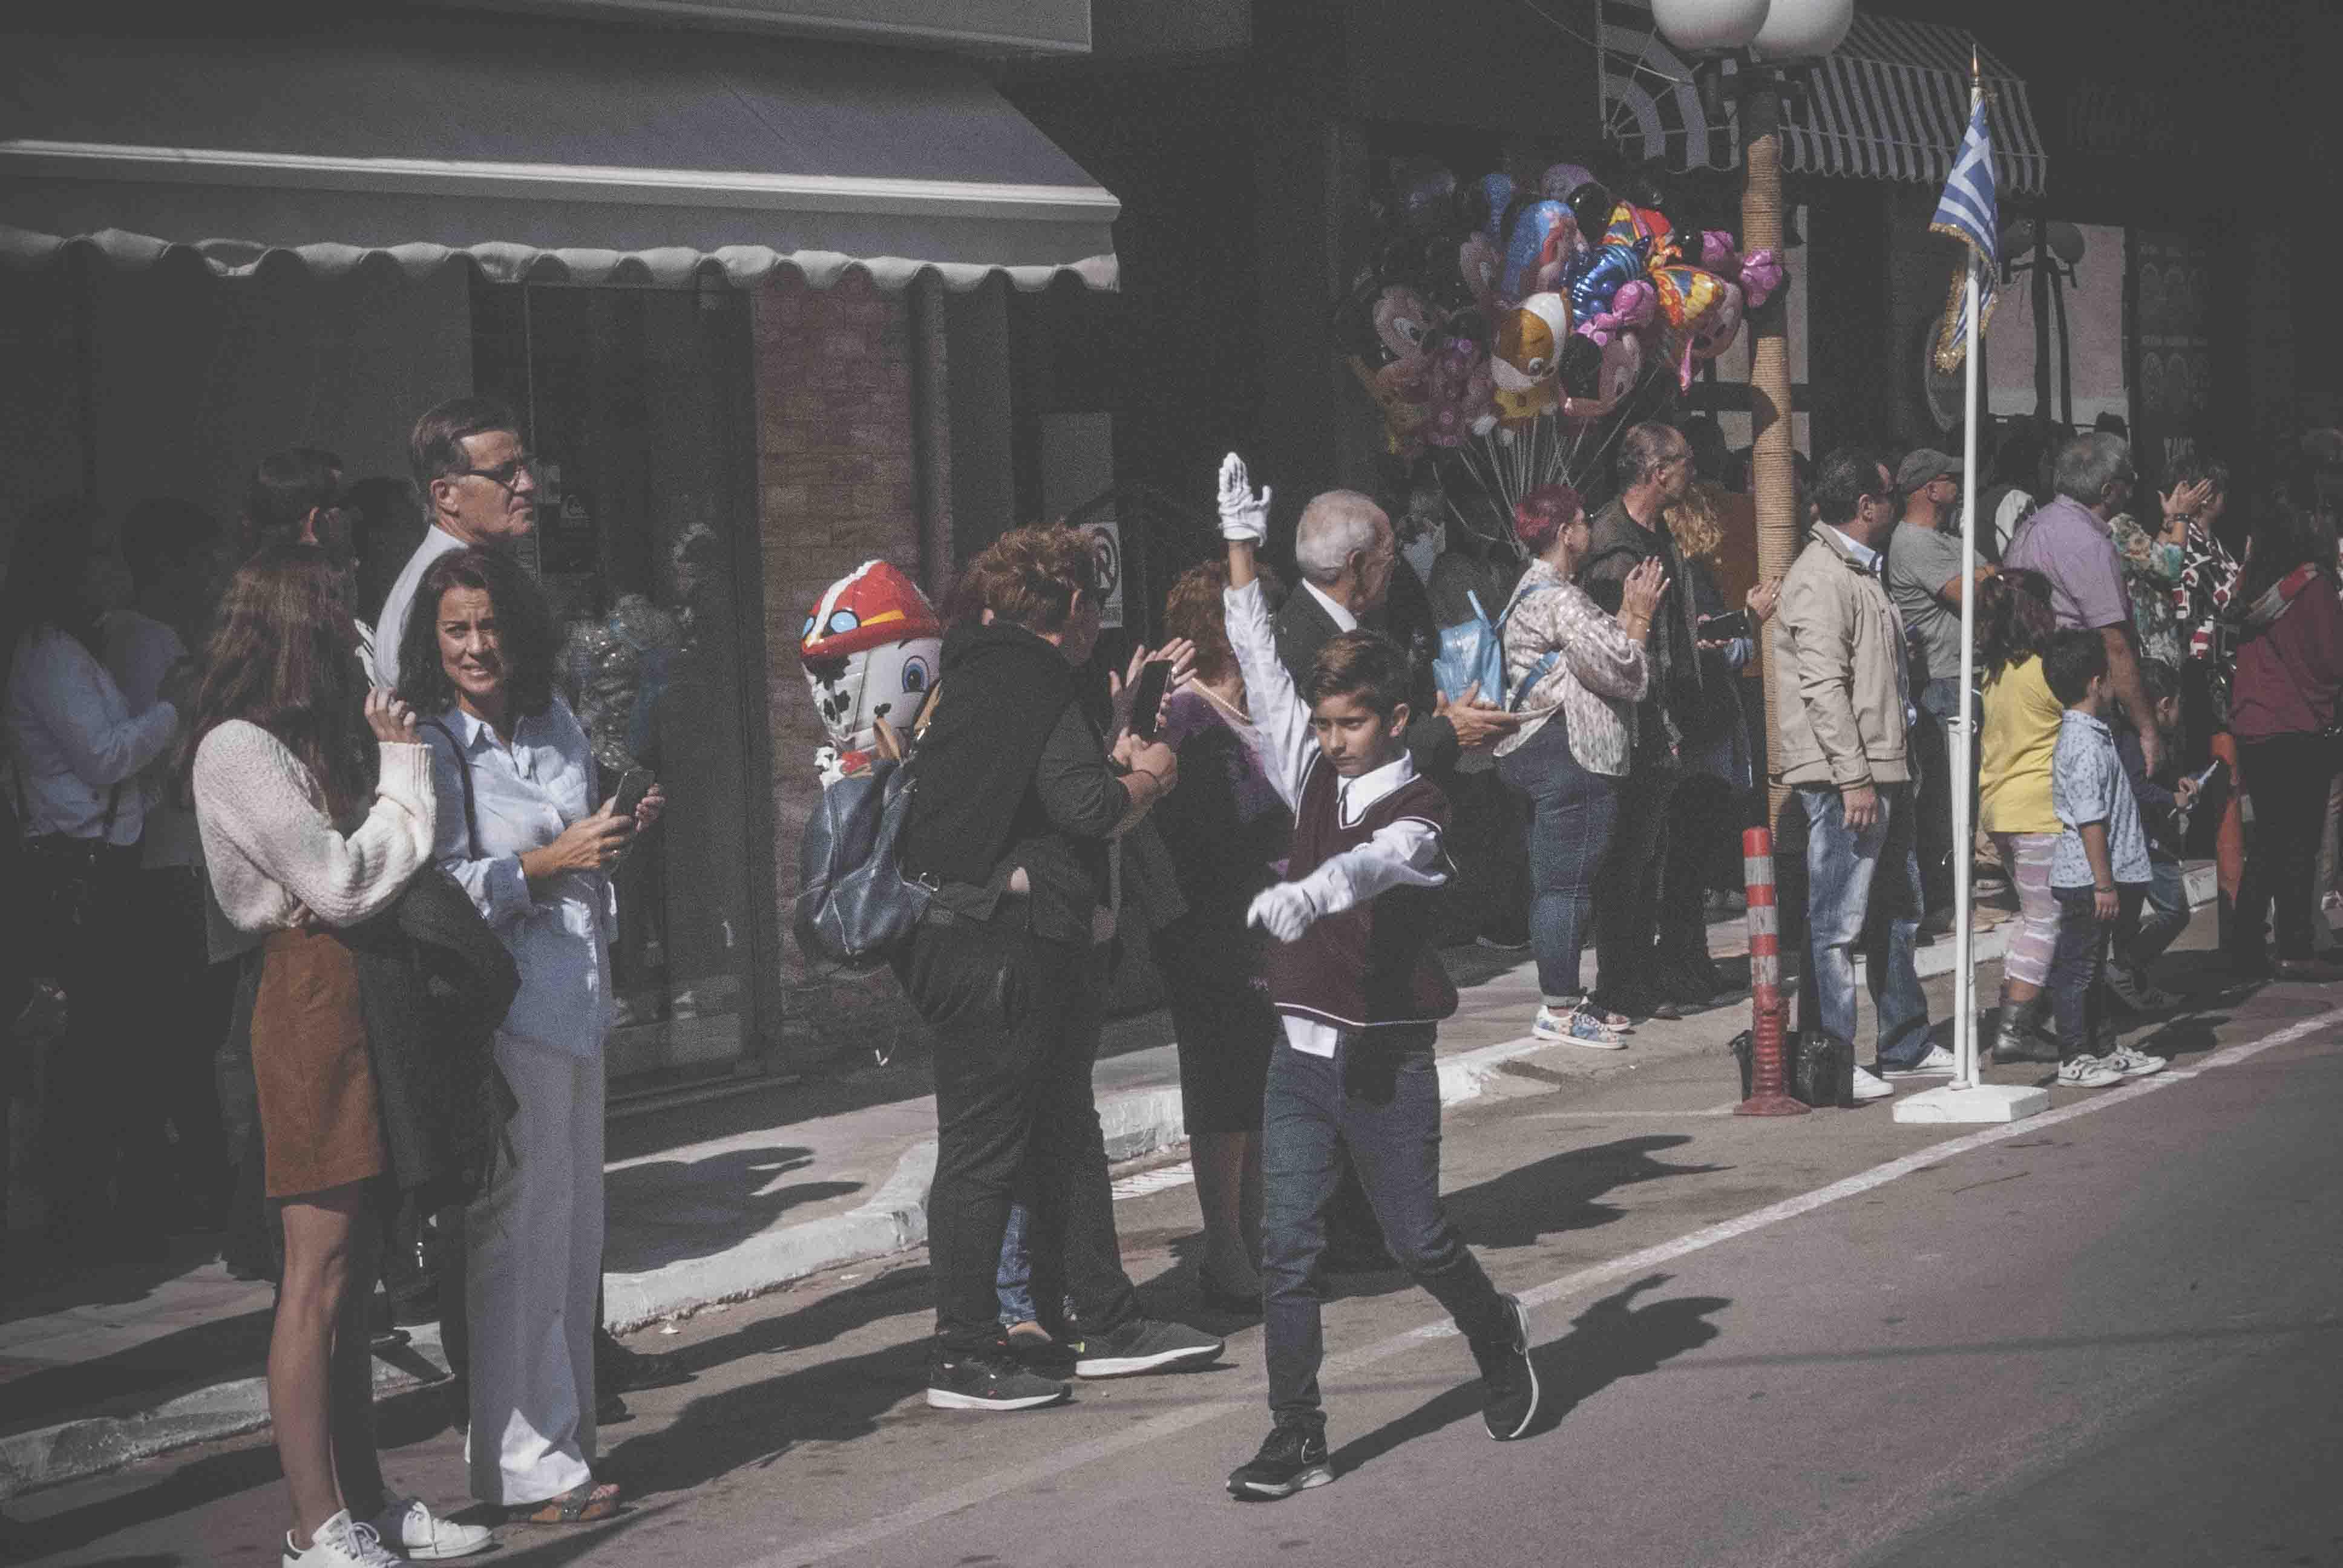 Φωτογραφικό υλικό από την παρέλαση στα Ψαχνά DSC 0372  Η παρέλαση της 28ης Οκτωβρίου σε Καστέλλα και Ψαχνά (φωτό) DSC 0372